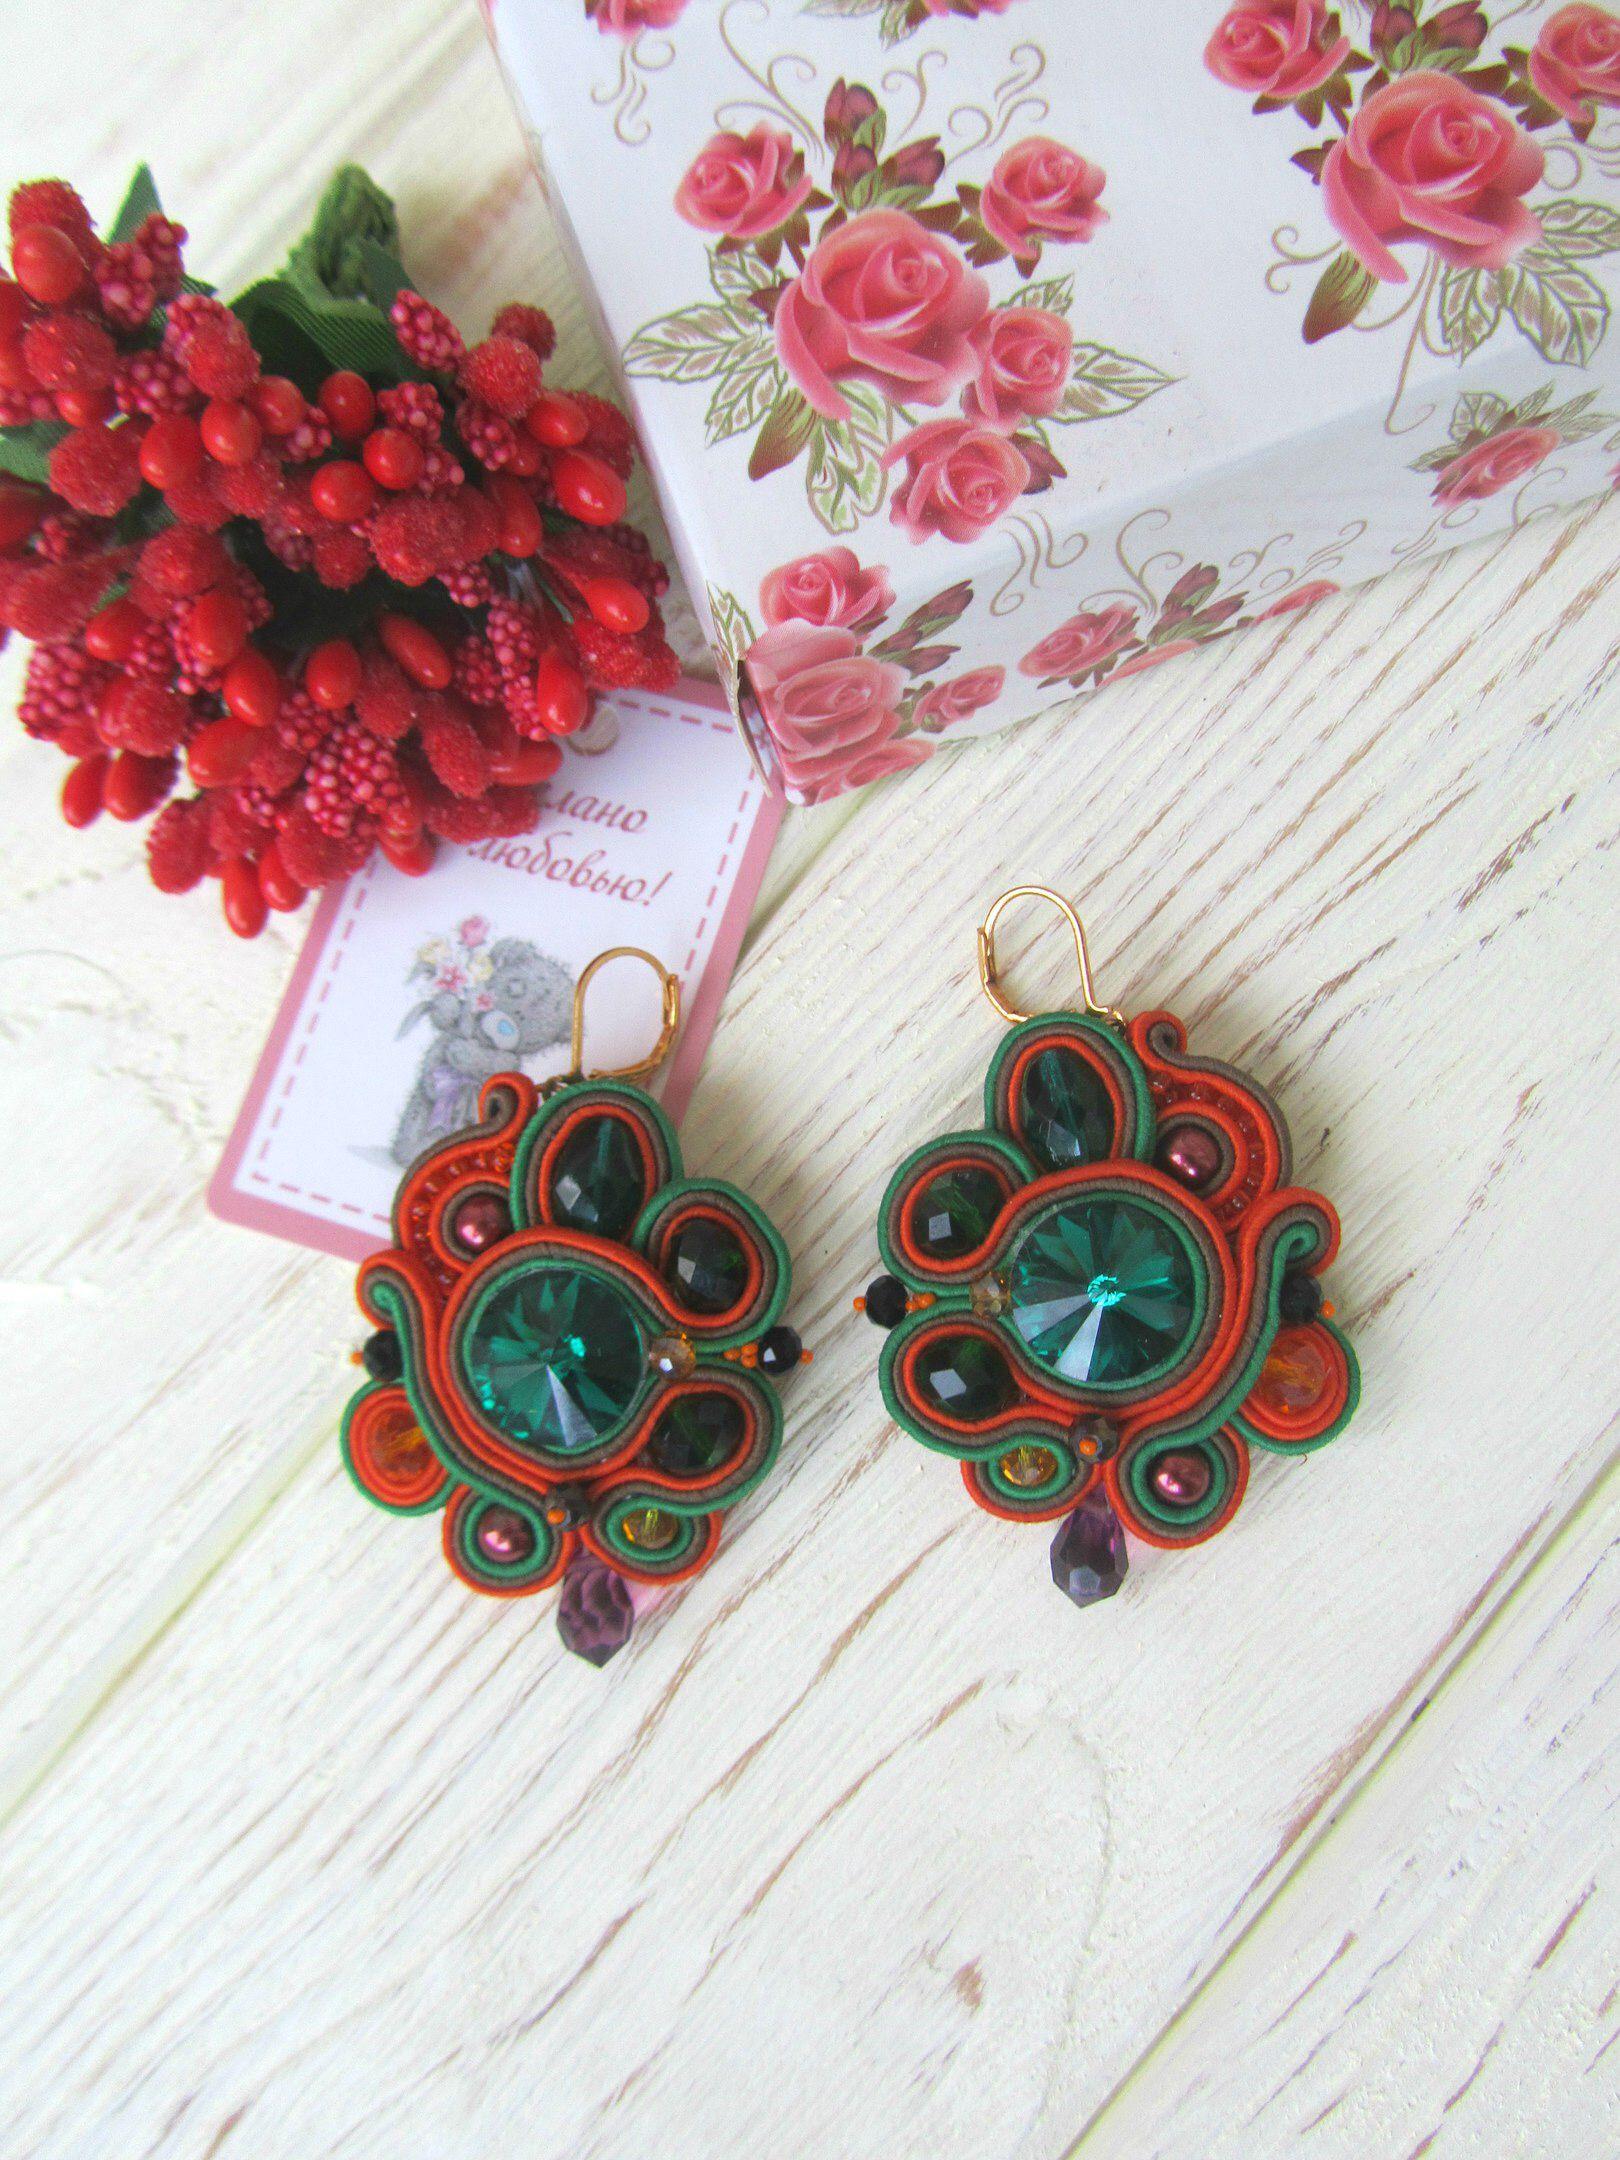 оранжевыесерьги необычныйподарок красивыесерьги swarovski эксклюзивныеукрашения модныеукрашения подарокдевушке сутажныесерьги крупныесерьги стильныесерьги зеленыесерьги